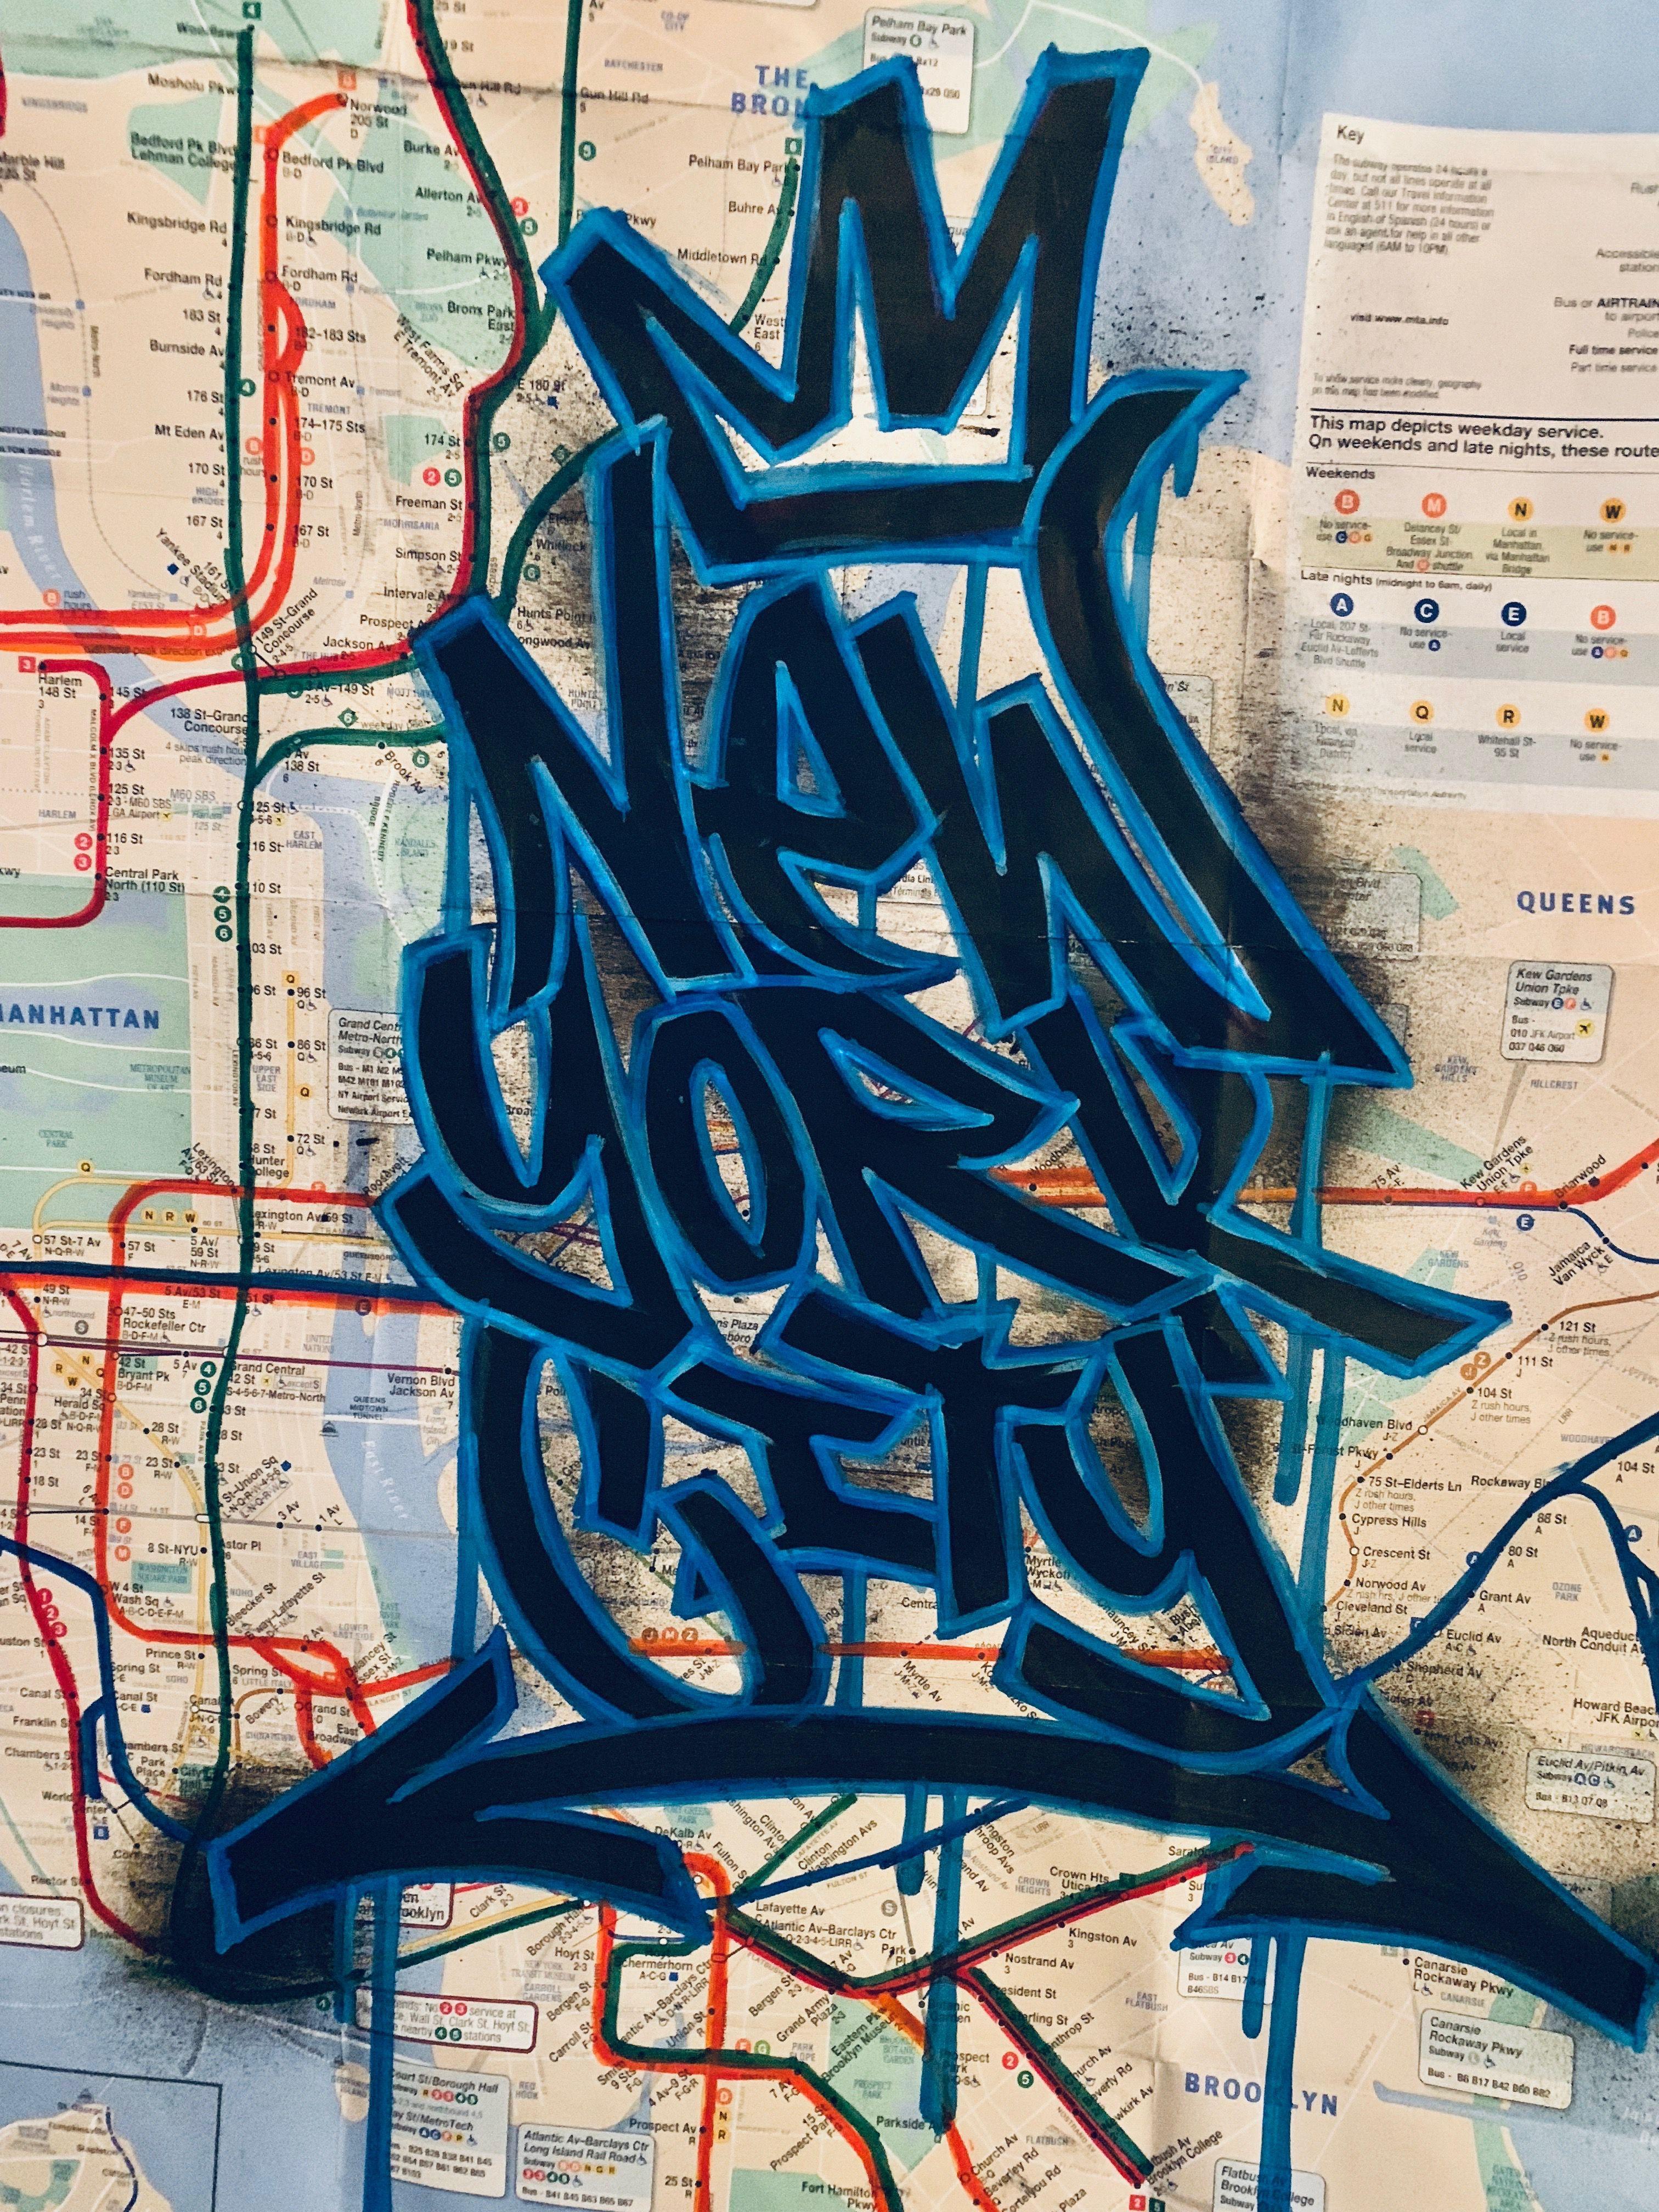 NYC GRAFFITI SUBWAY MAP